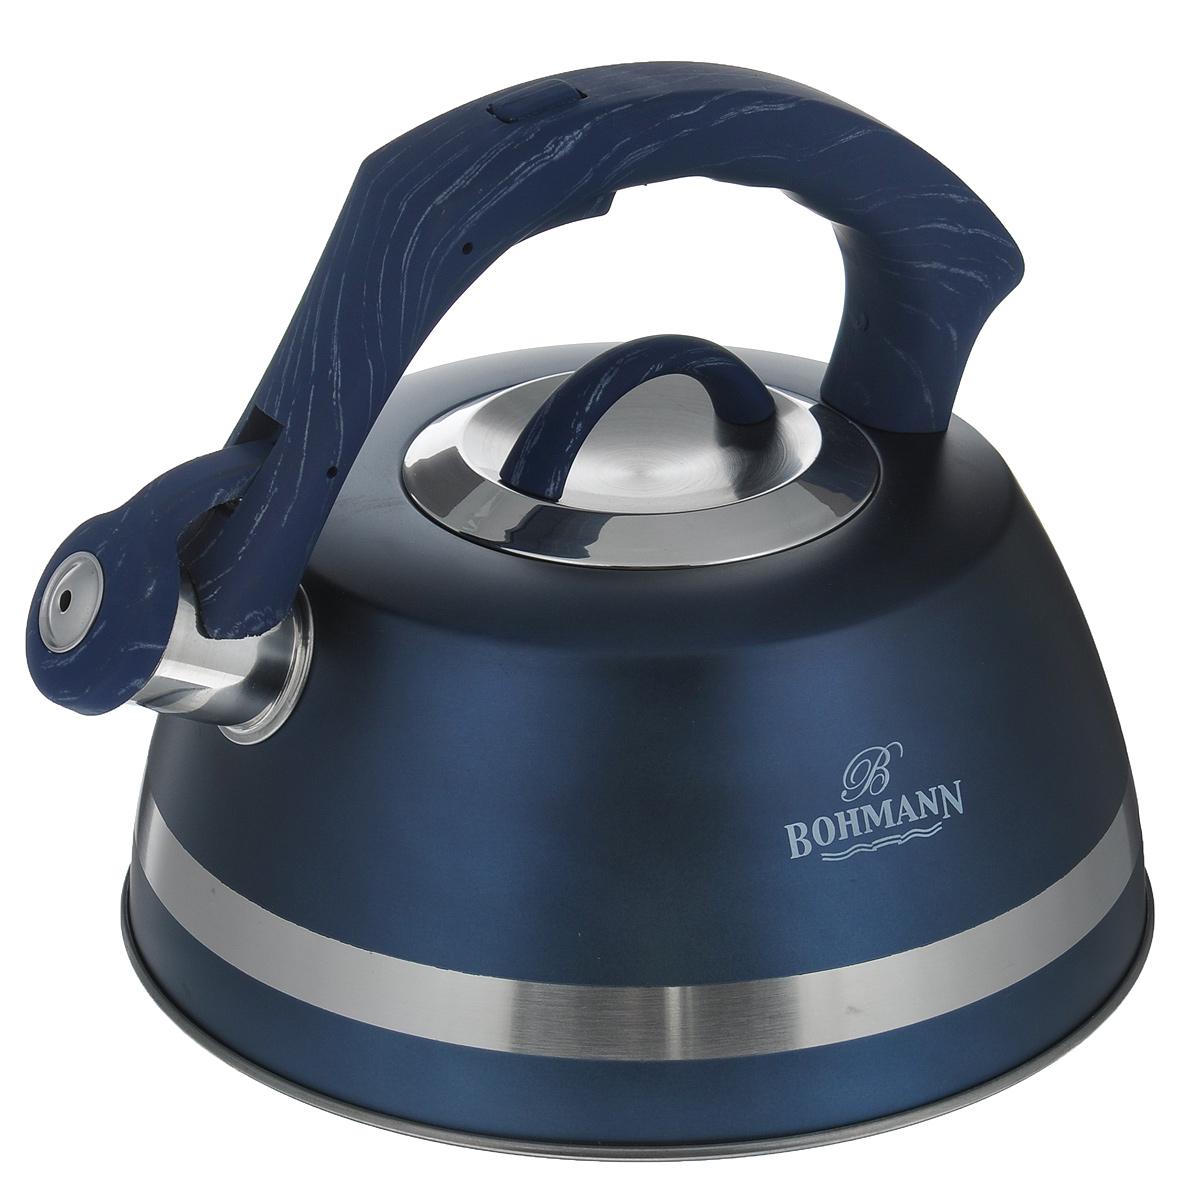 Чайник Bohmann со свистком, цвет: синий, 3,5 л. BH - 996754 009312Чайник Bohmann изготовлен из высококачественной нержавеющей стали с матовым цветным покрытием. Фиксированная ручка изготовлена из бакелита с прорезиненным покрытием. Носик чайника оснащен откидным свистком, звуковой сигнал которого подскажет, когда закипит вода. Свисток открывается нажатием кнопки на ручке.Чайник Bohmann - качественное исполнение и стильное решение для вашей кухни. Подходит для использования на газовых, стеклокерамических, электрических, галогеновых и индукционных плитах. Также изделие можно мыть в посудомоечной машине. Высота чайника (без учета ручки и крышки): 10,5 см. Высота чайника (с учетом ручки): 19 см. Диаметр основания чайника: 22,5 см. Диаметр чайника (по верхнему краю): 10 см.